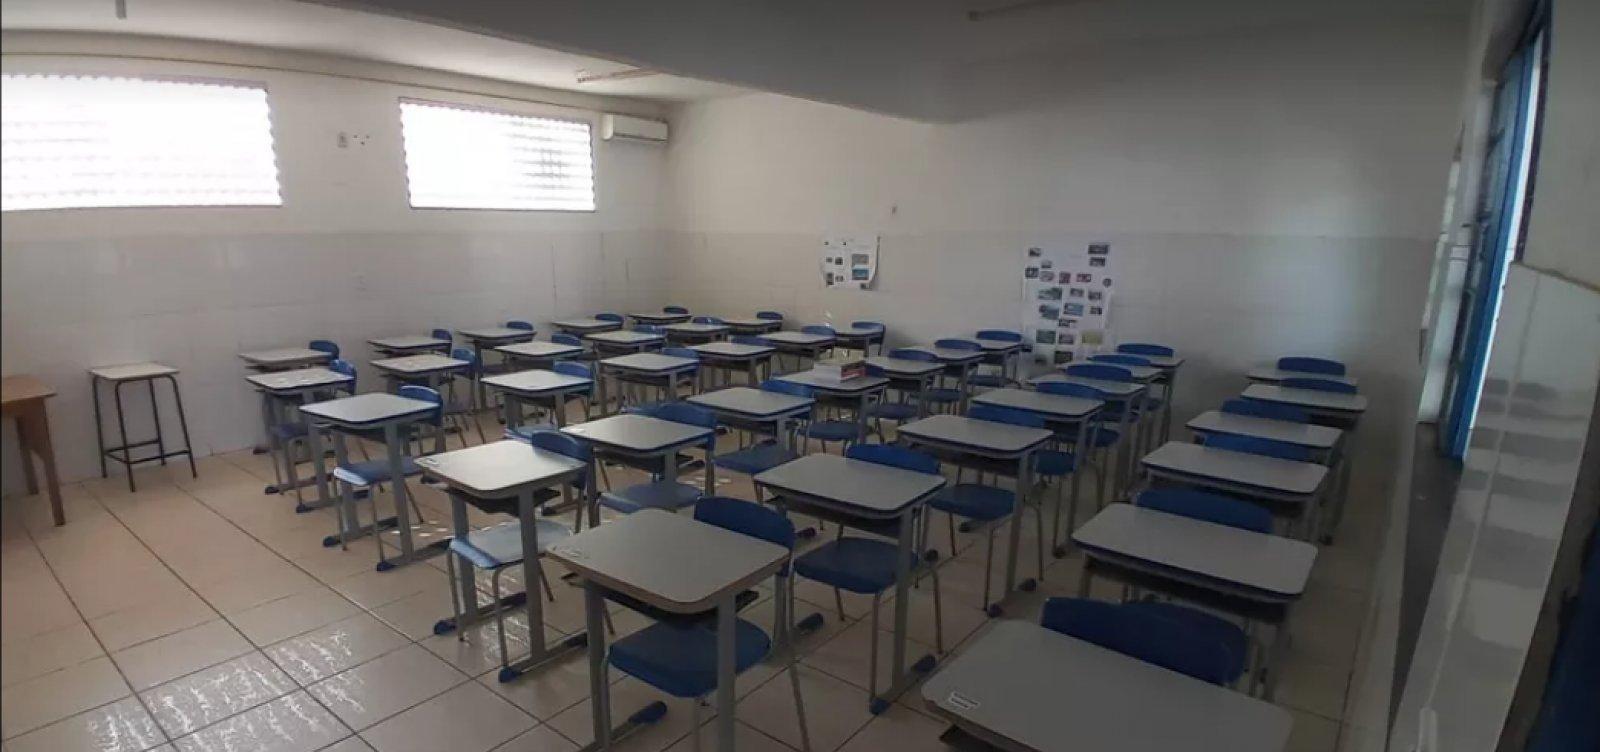 Prefeitura de SP vai contratar mães de alunos para ajudar a cumprir protocolos contra Covid nas escolas municipais